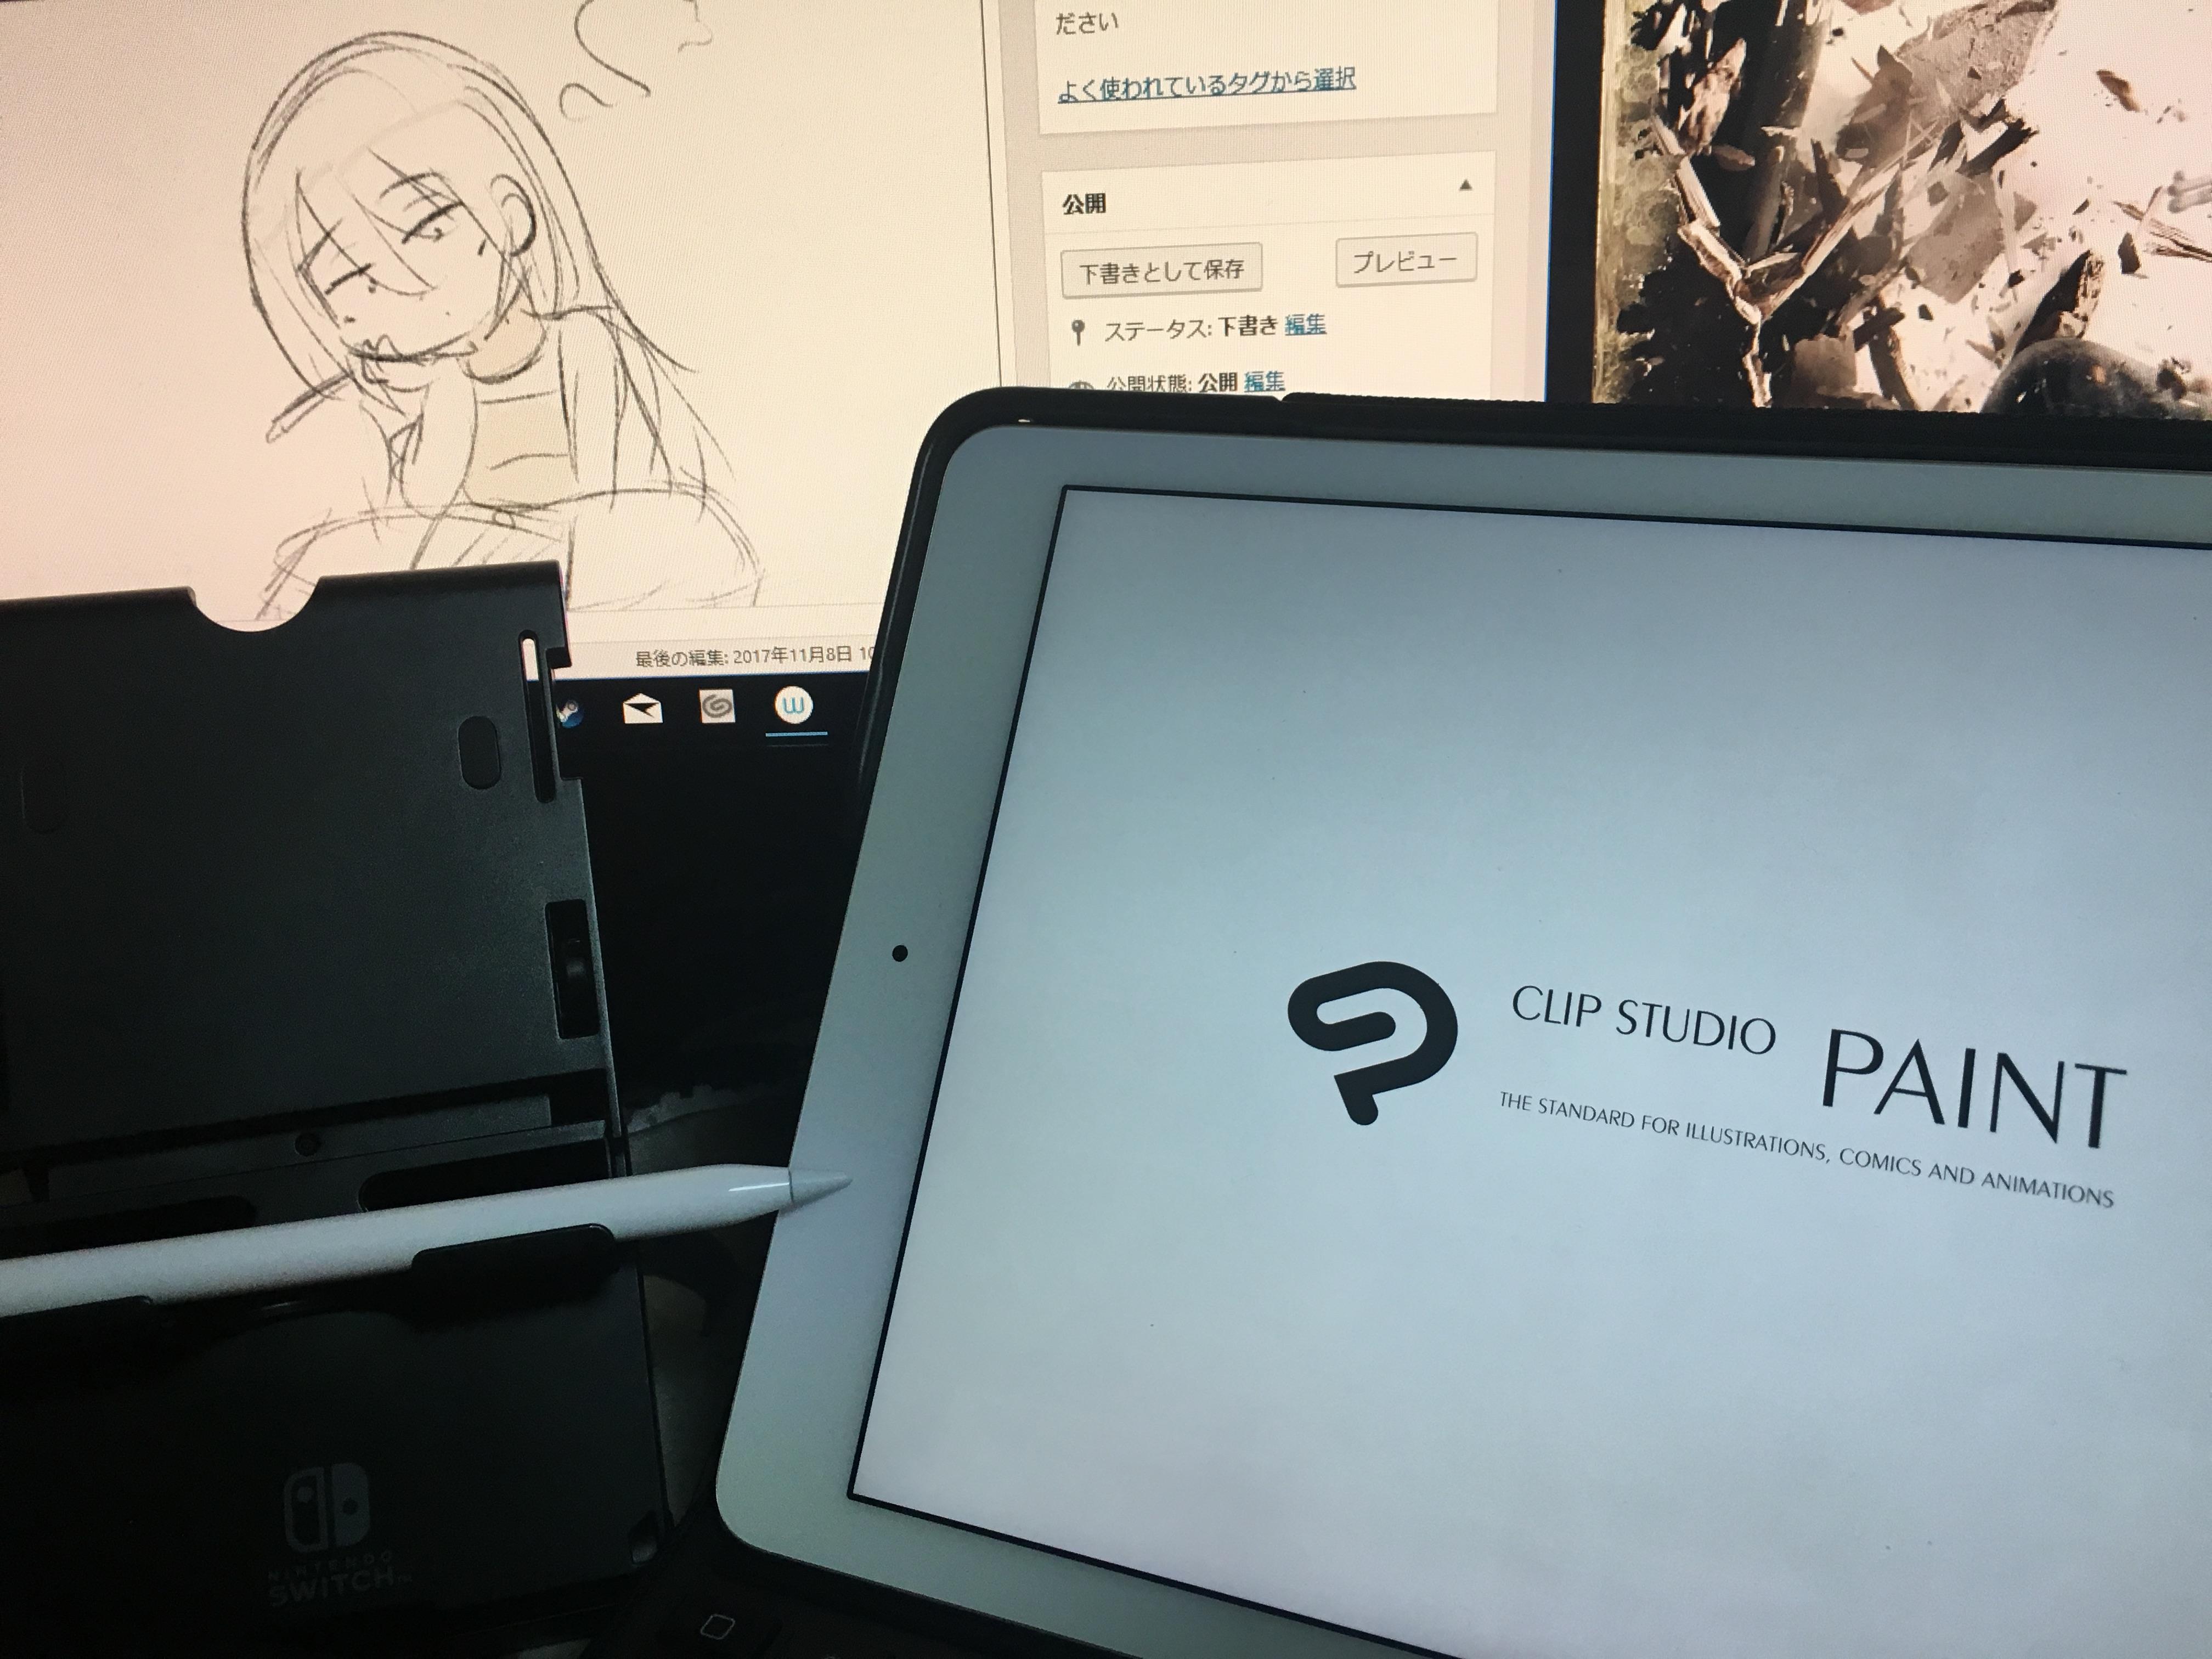 iPad版のクリスタが登場!PC、ペンタブいらねぇや!【CLIP STUDIO PAINT EX foriPad】